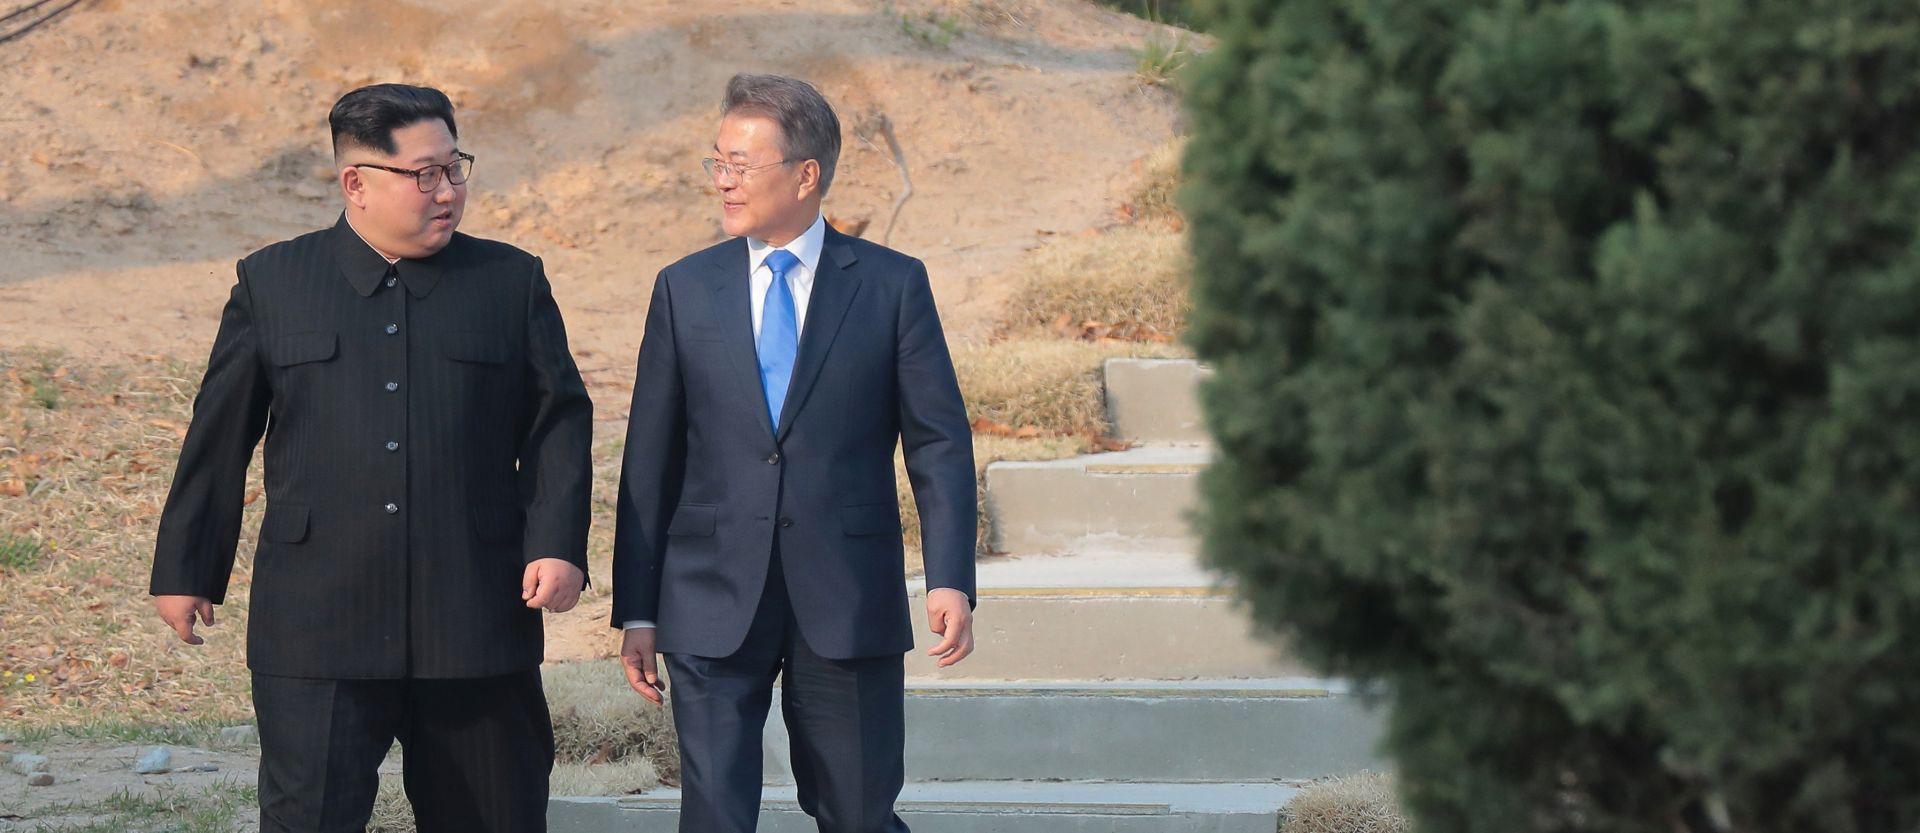 Seul želi provjeru zatvaranja sjevernokorejskog nuklearnog postrojenja